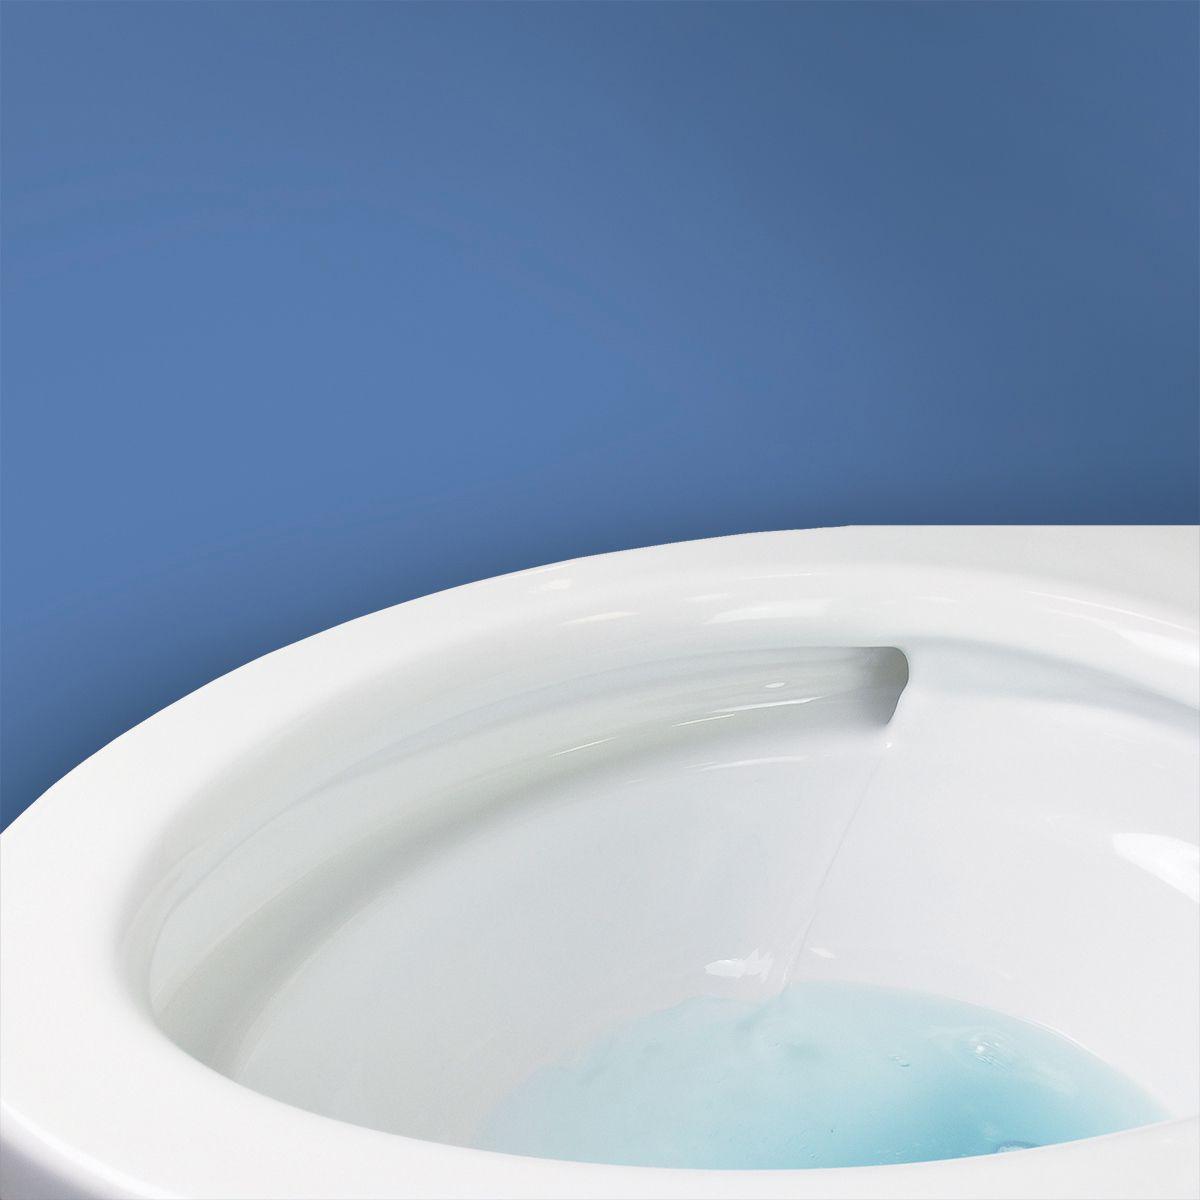 Rim jet toilet.